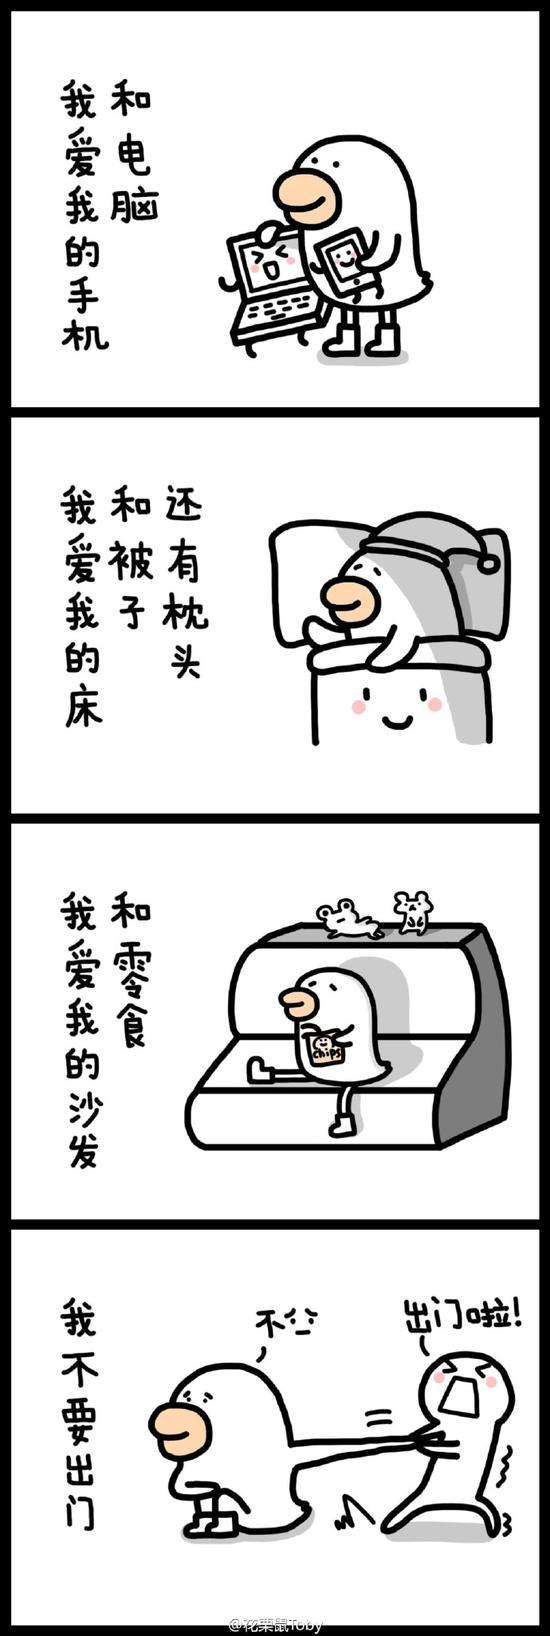 囧哥说事:台综称台湾是人类祖先,大陆网友:你们开心就好图片